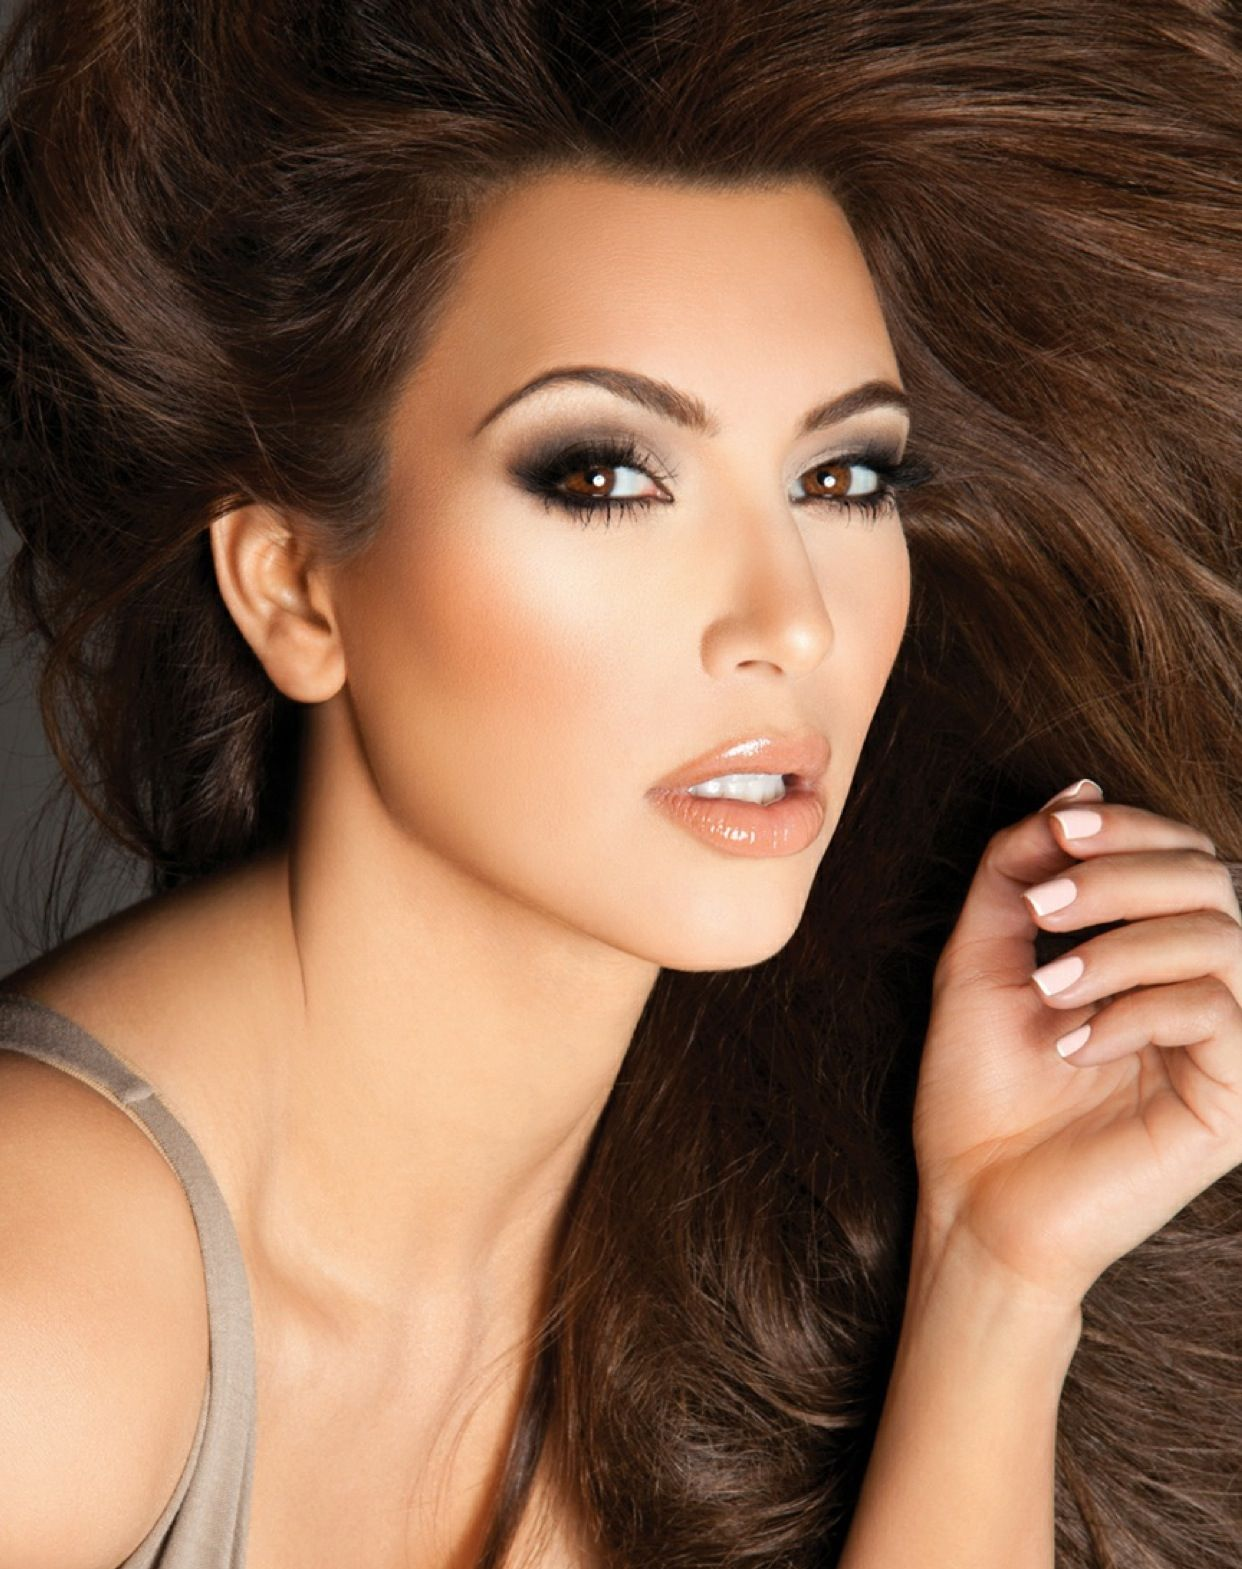 Kim kardashian makeup by Scott Barnes Kardashian makeup